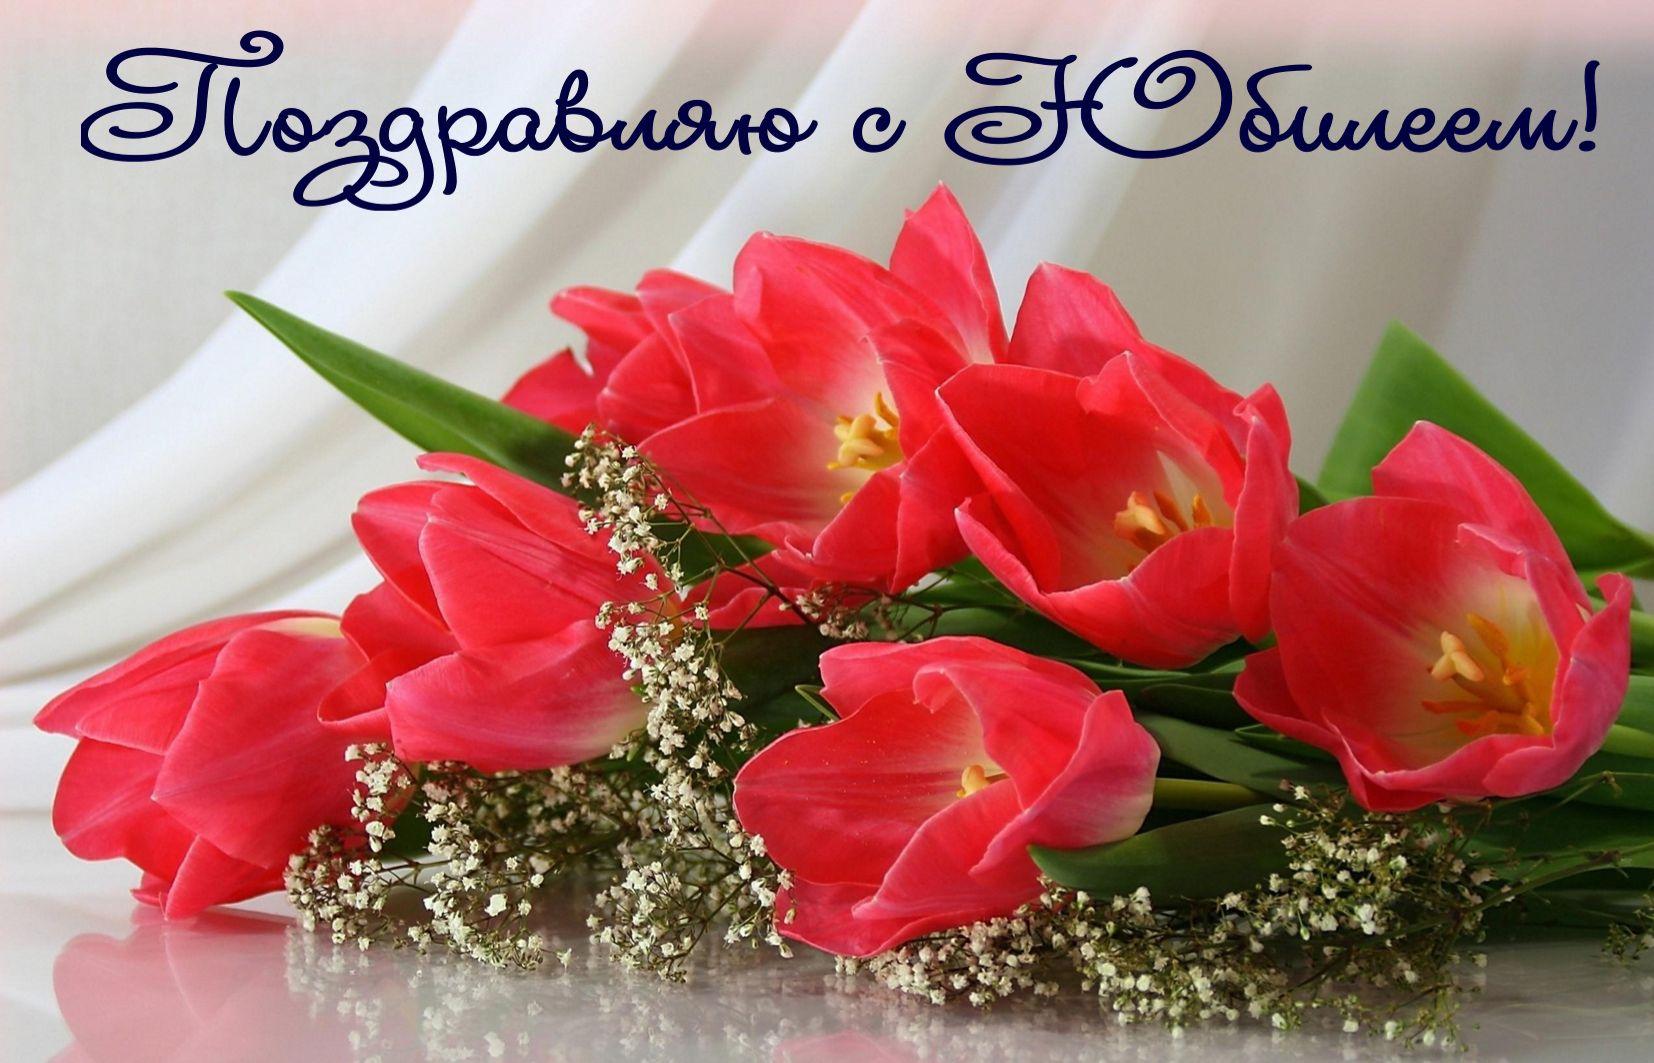 Красивые цветы картинки с юбилеем женщине, кому